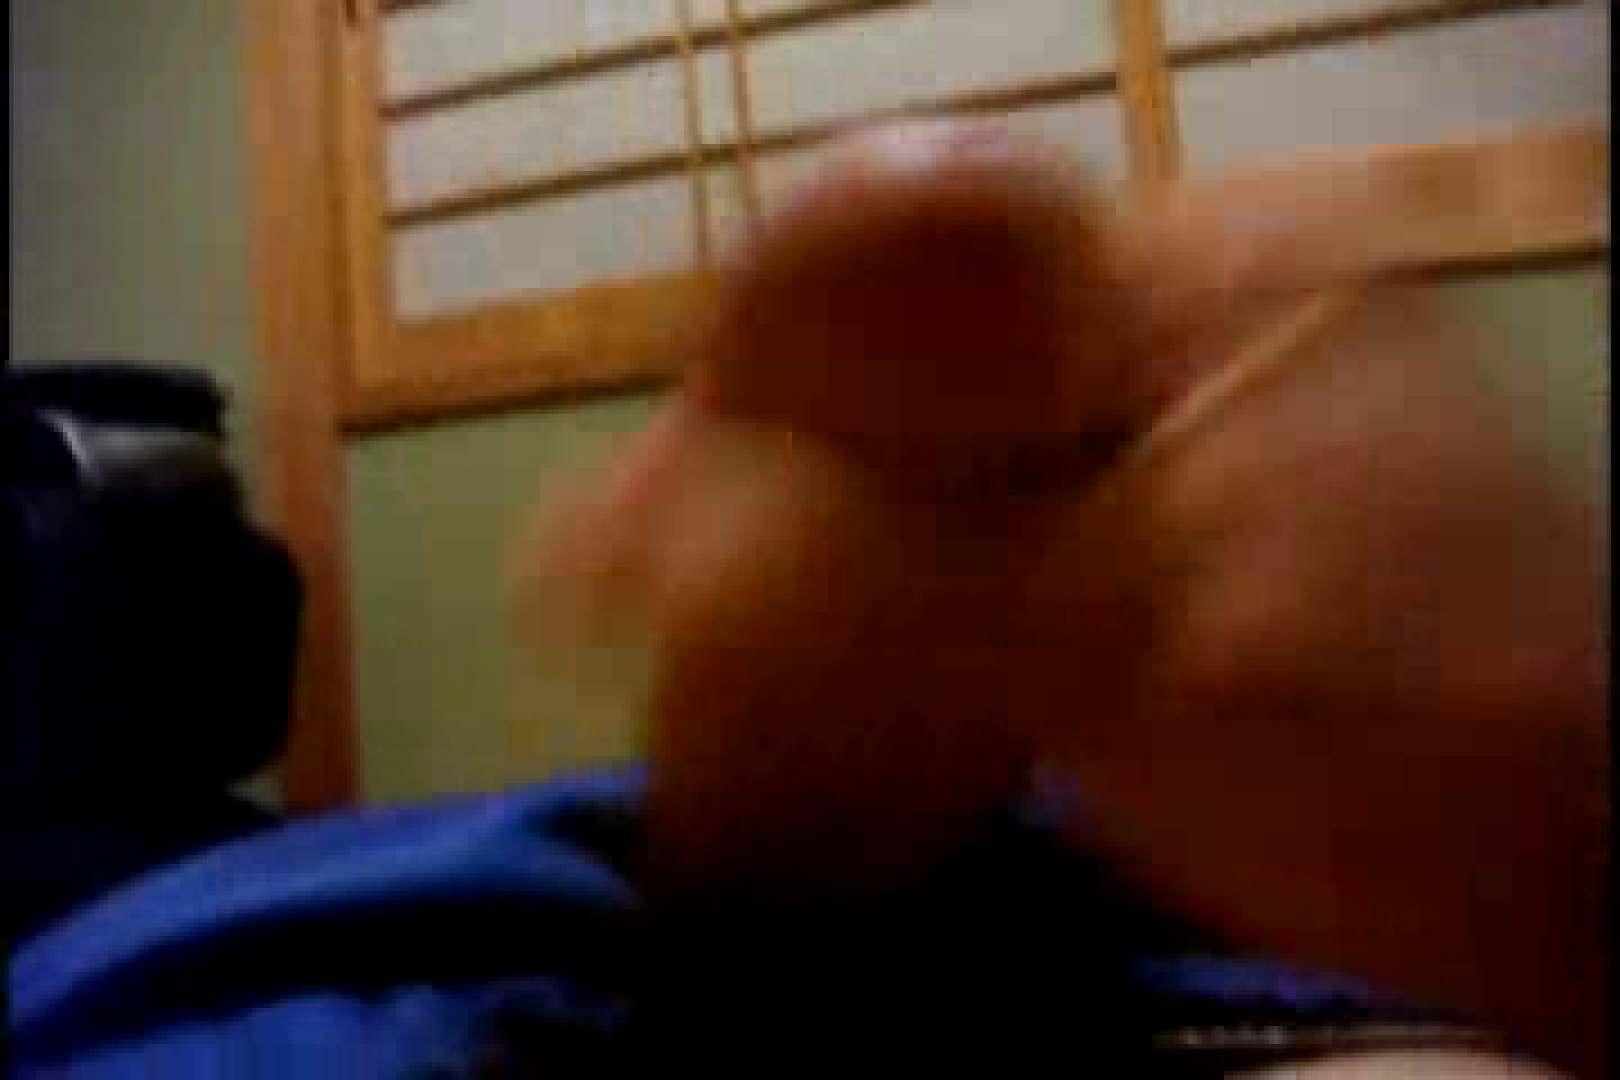 オナ好きノンケテニス部員の自画撮り投稿vol.02 射精 GAY無修正エロ動画 76枚 59